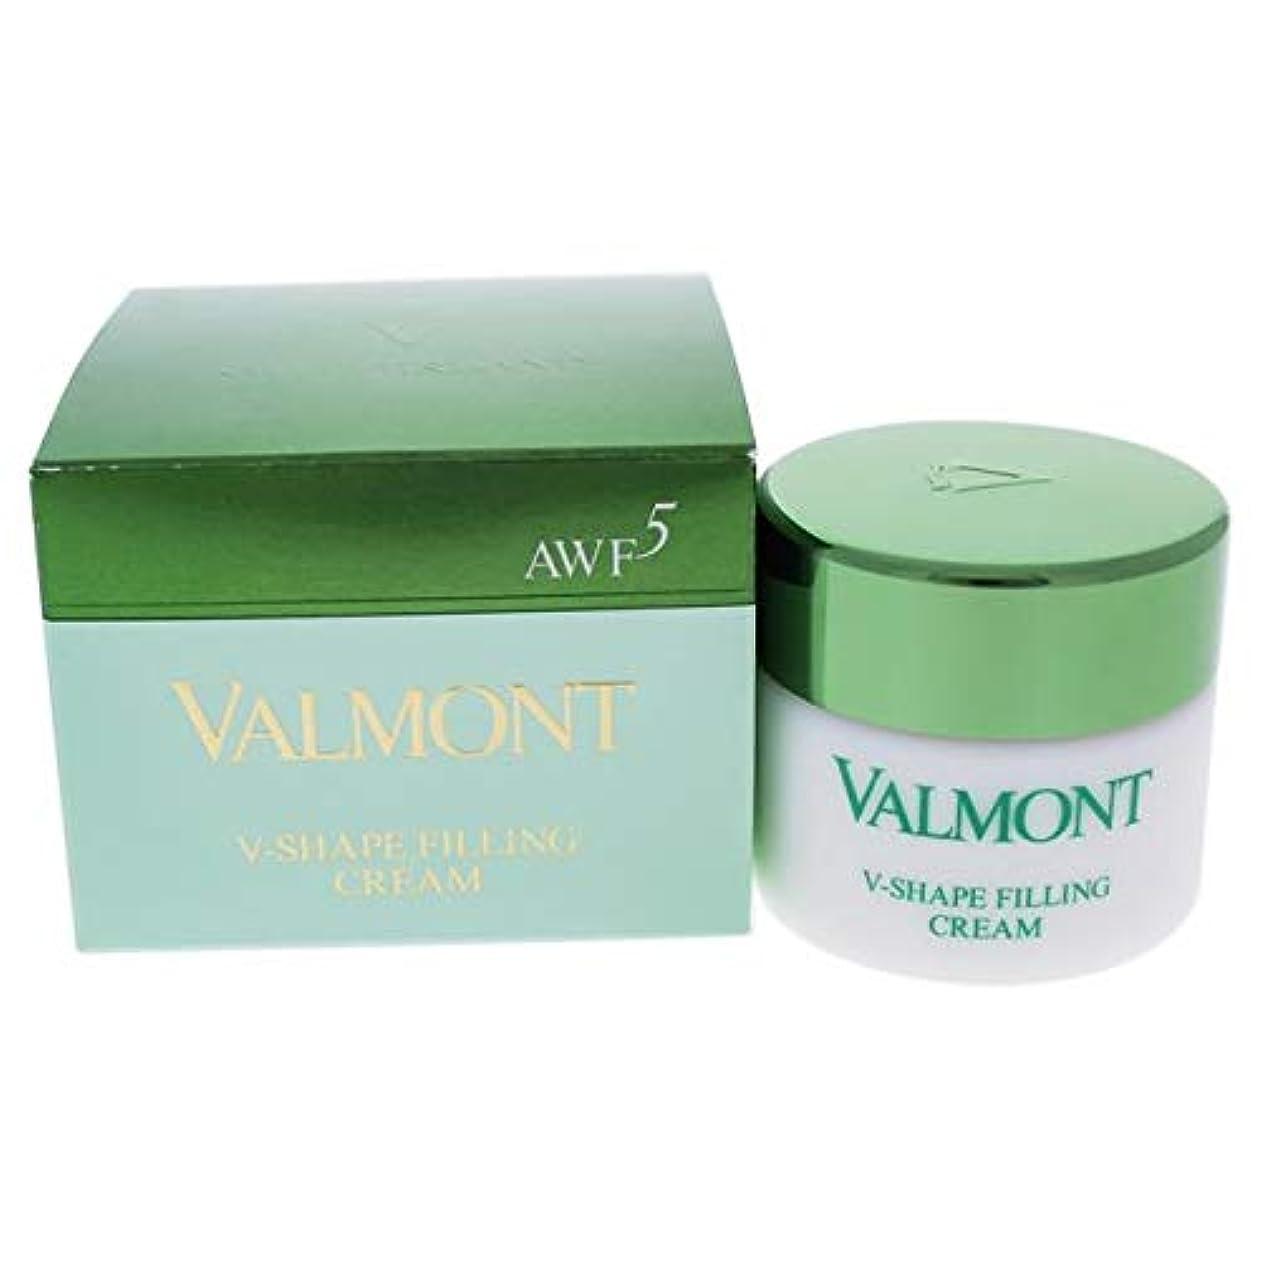 伝導率通貨構成員ヴァルモン AWF5 V-Shape Filling Cream 50ml/1.7oz並行輸入品